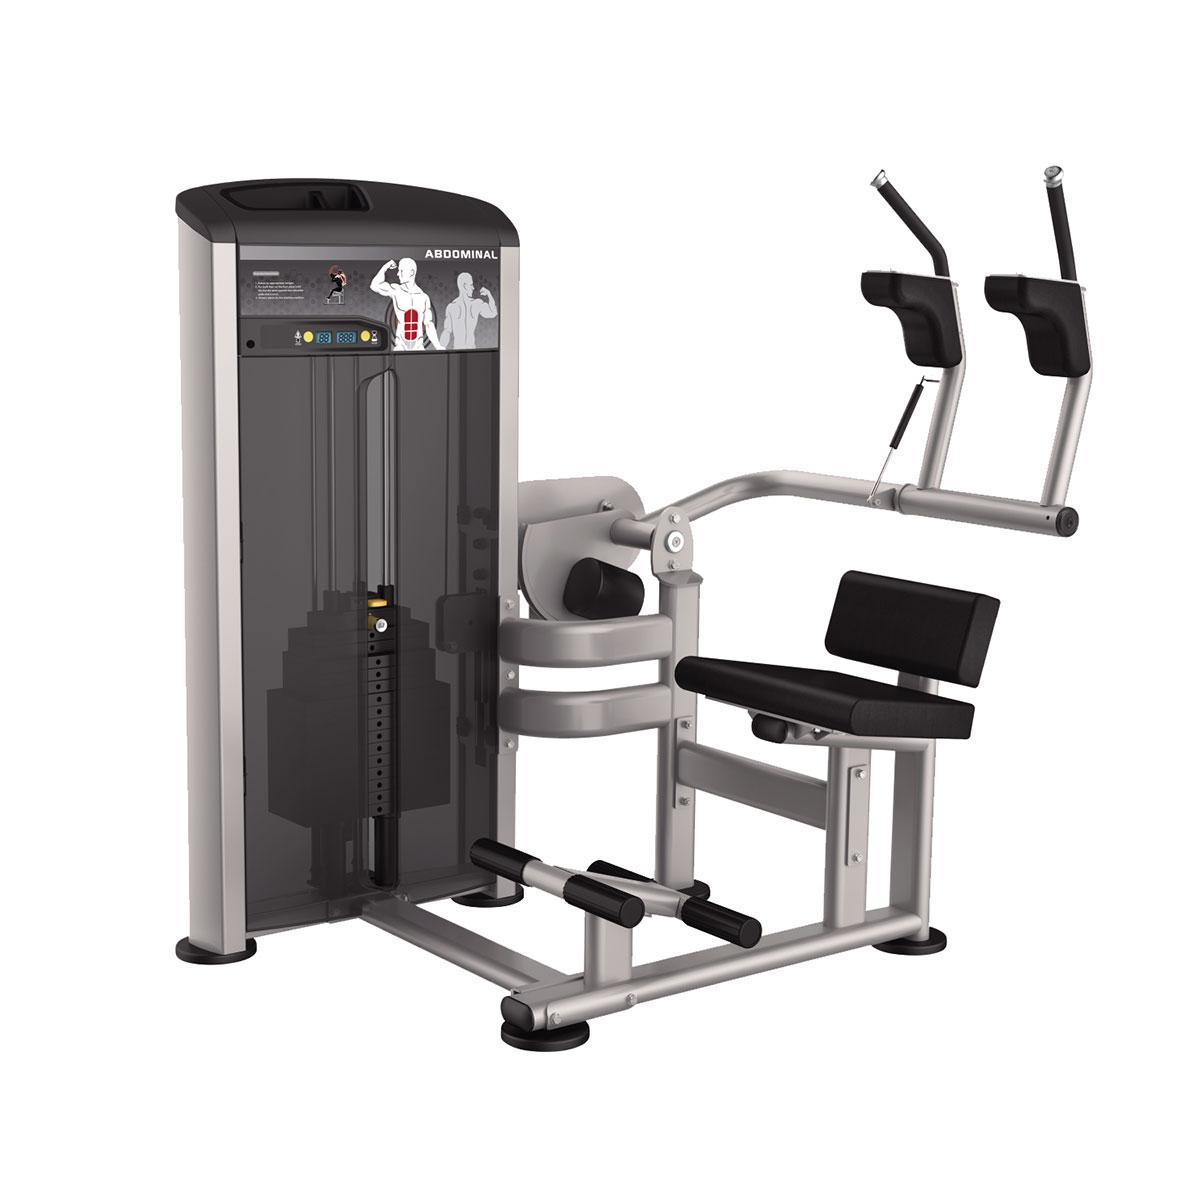 Abdominal - 200 lbs